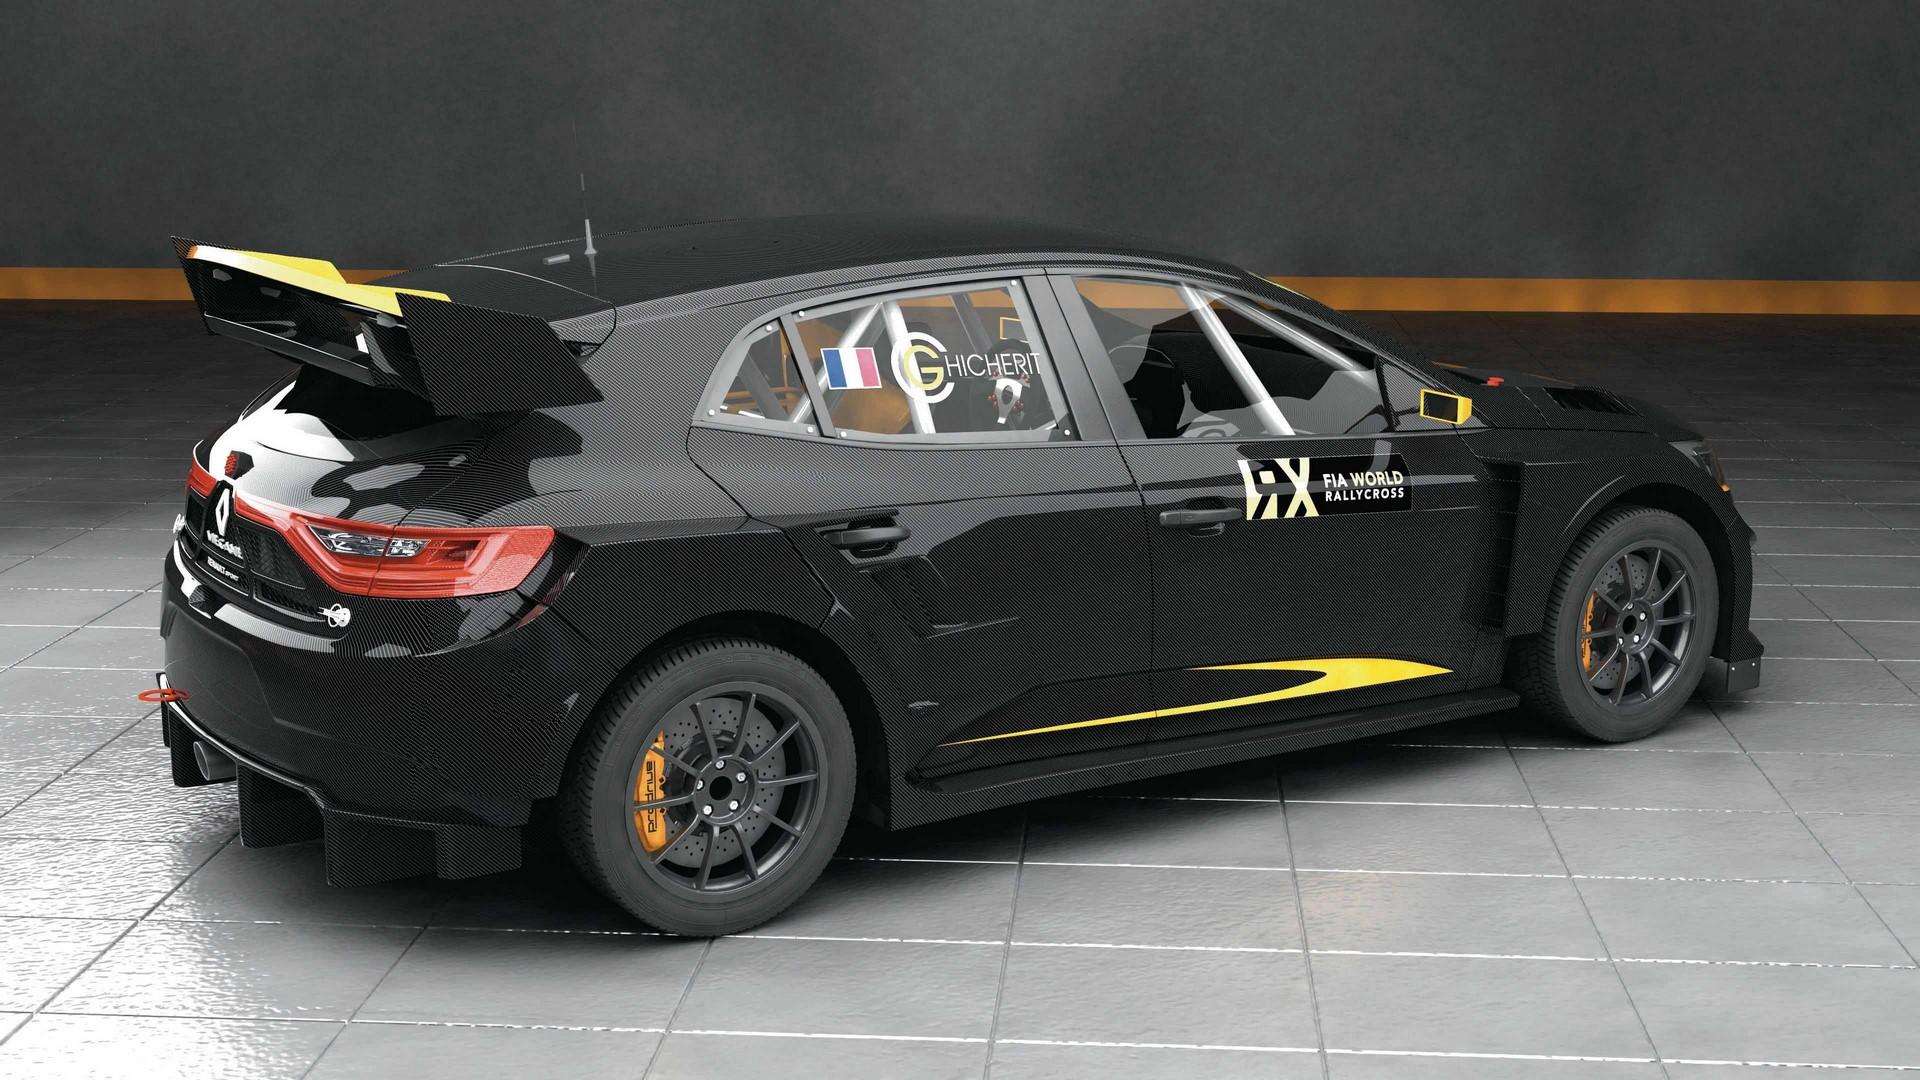 Renault Megane RX Supercar (5)